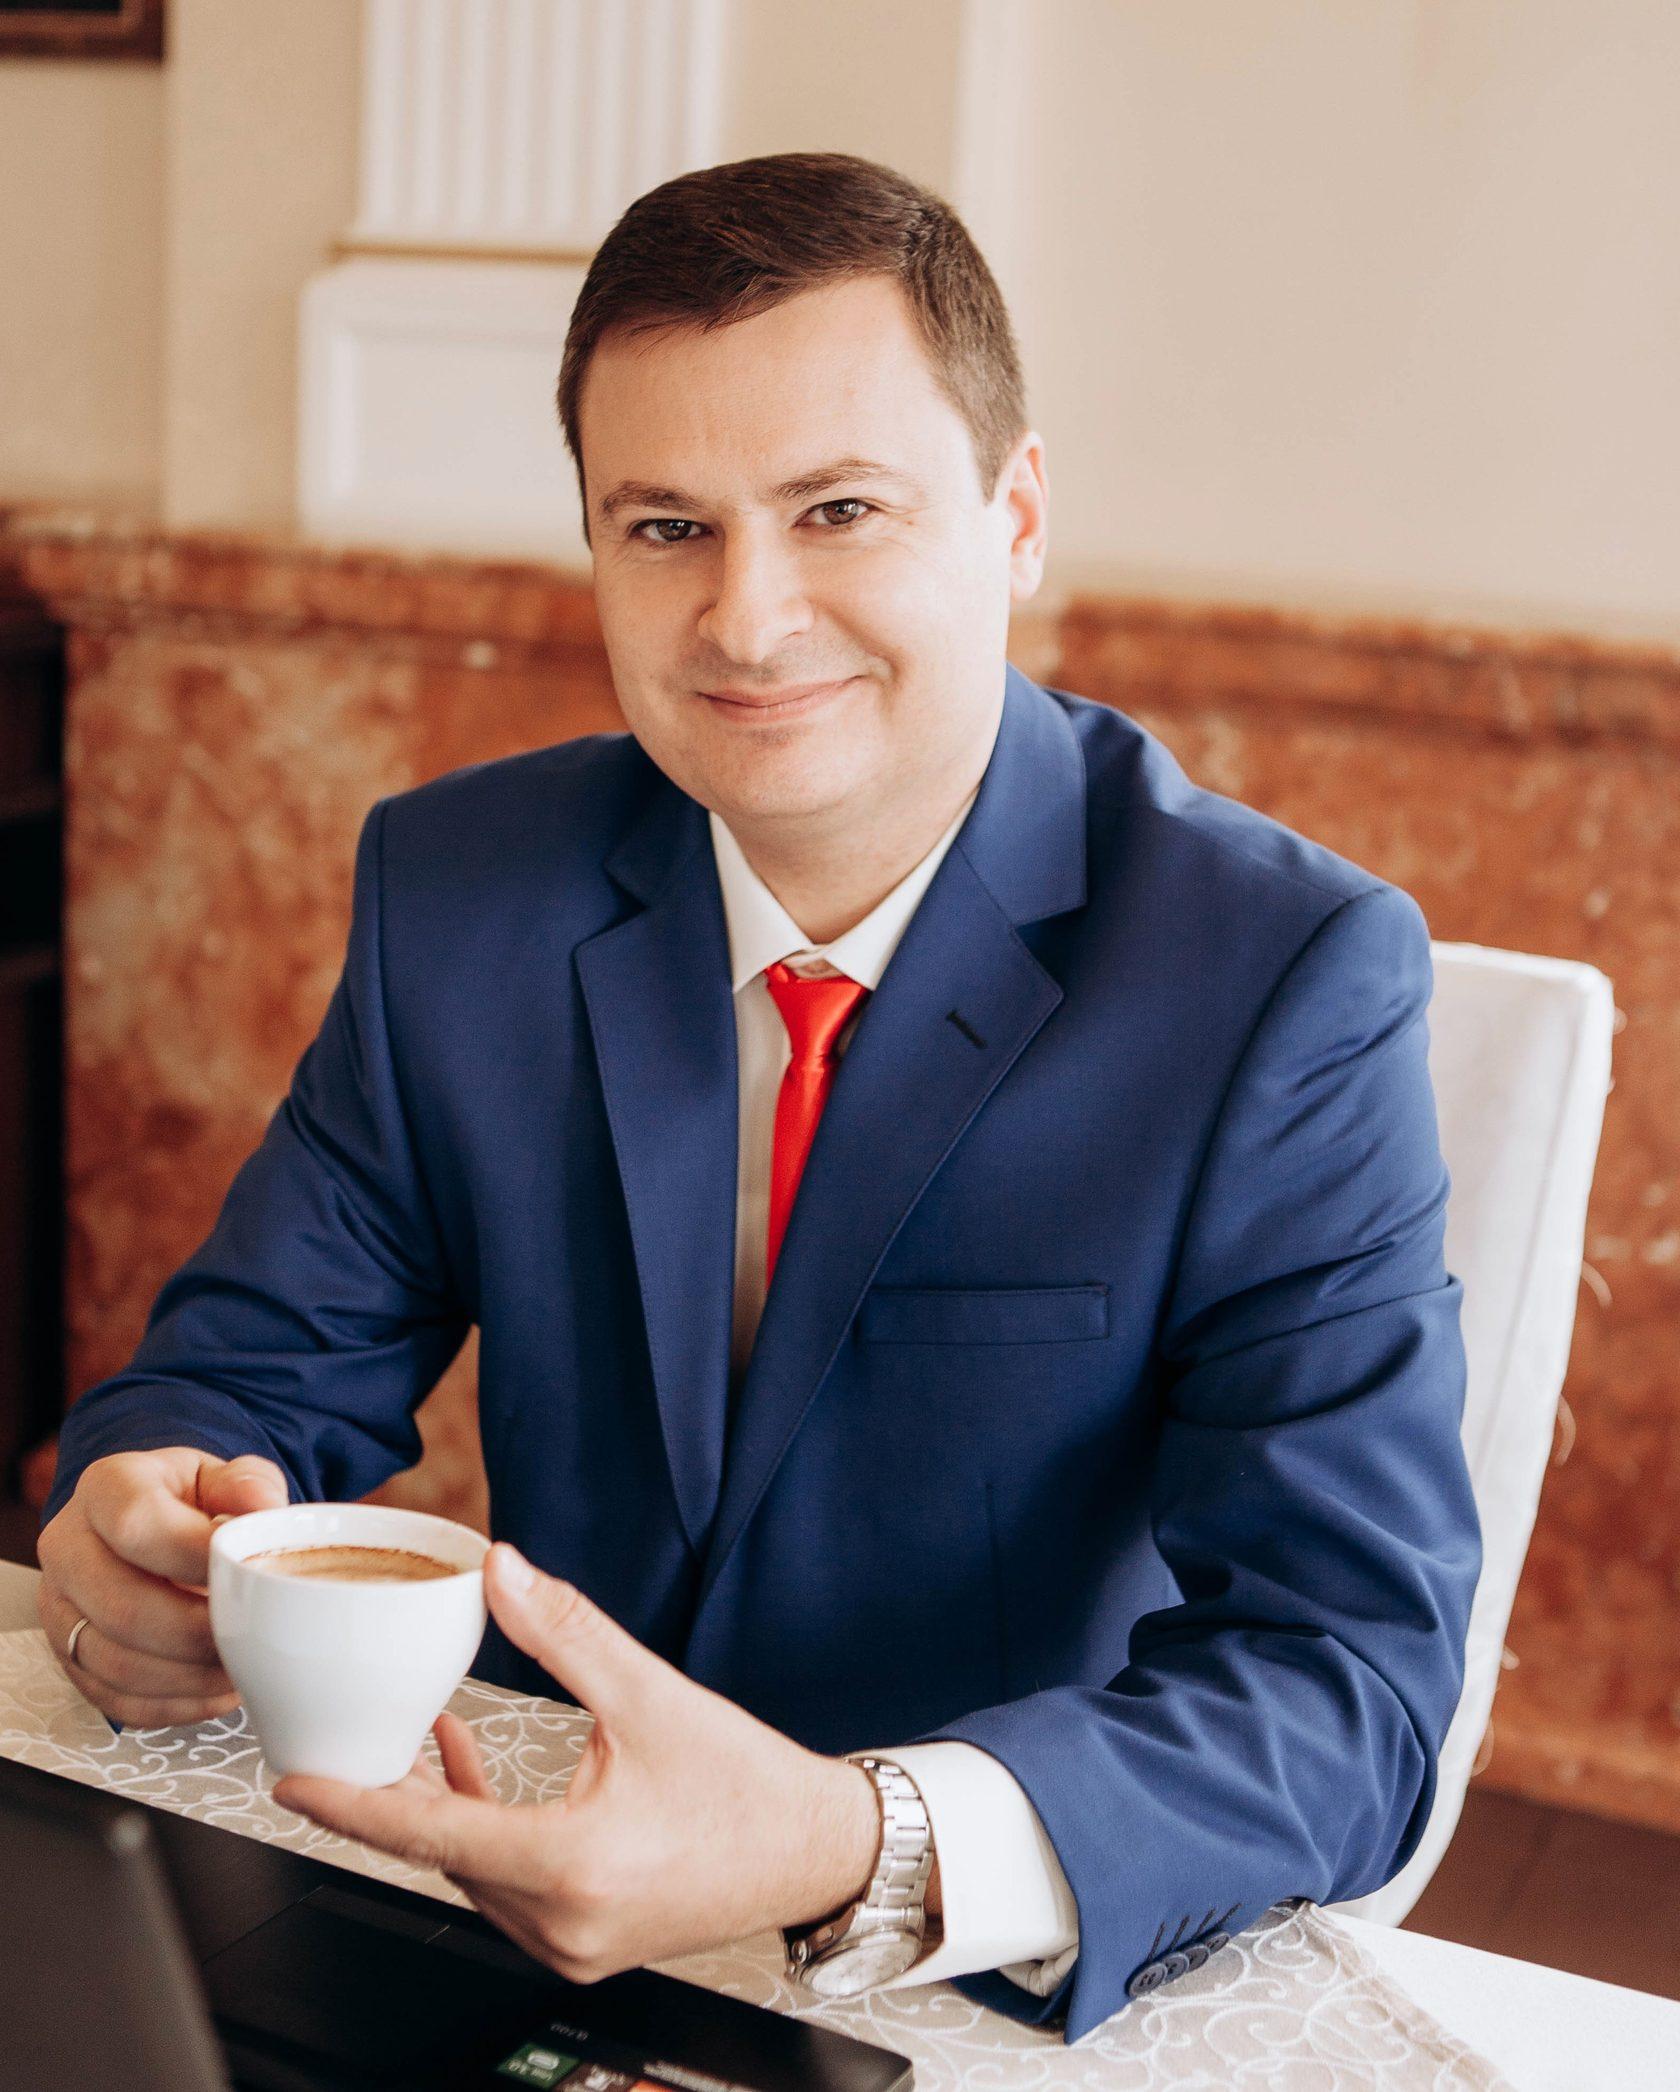 Бобылев Сергей Дмитриевич - лидер в сфере клининга в Симферополе и в Крыму